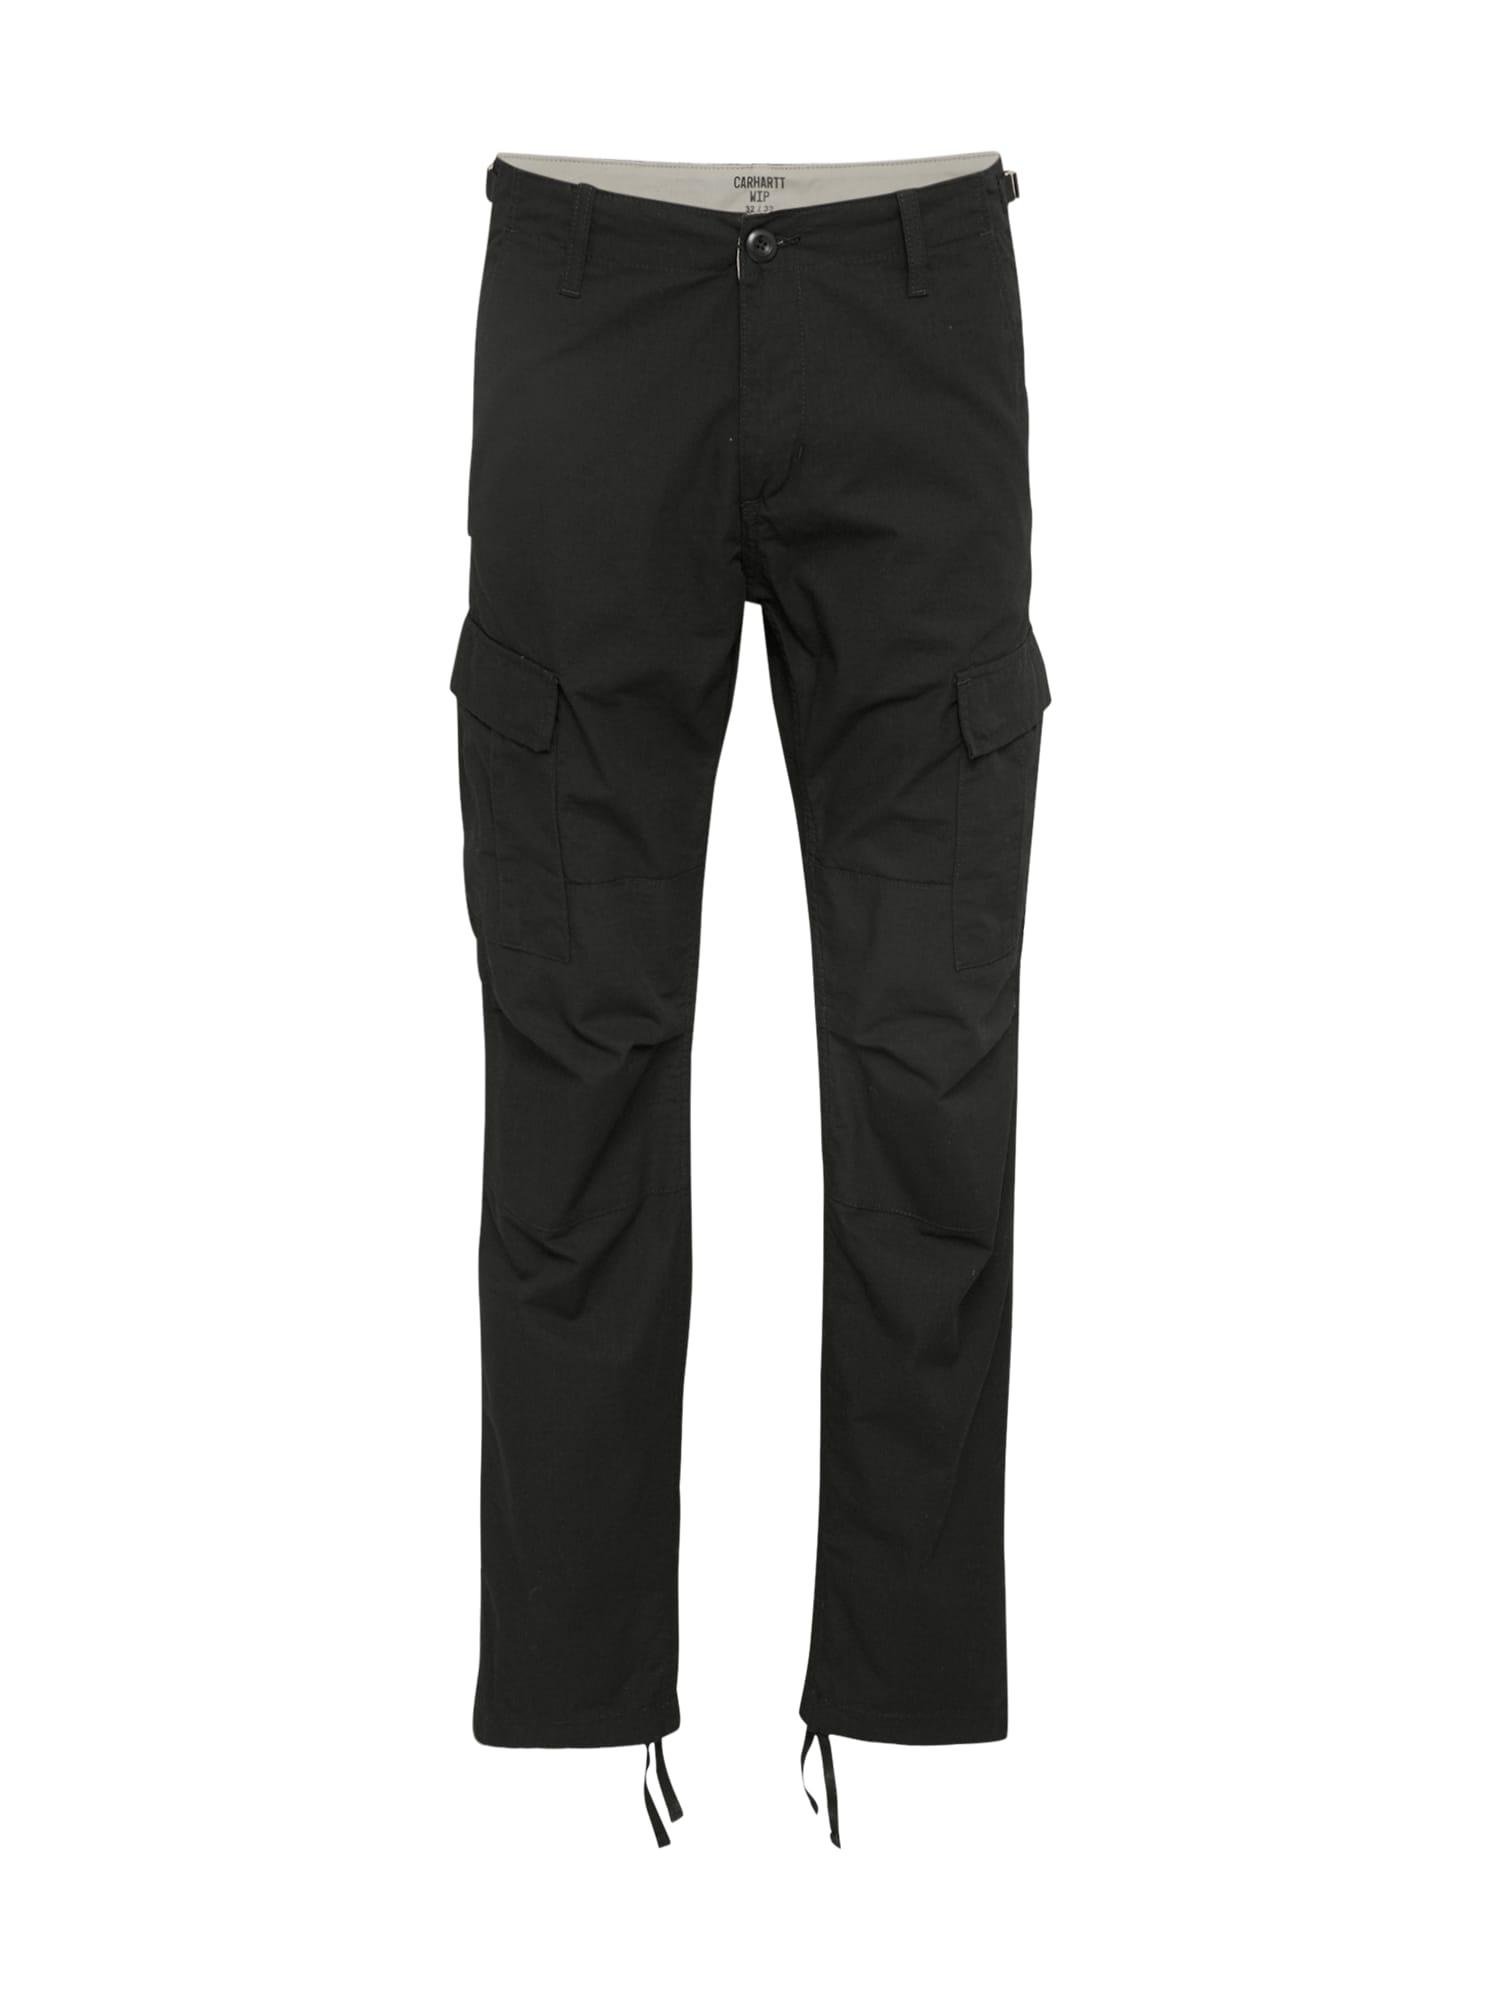 Carhartt WIP Laisvo stiliaus kelnės 'Aviation Pant' juoda